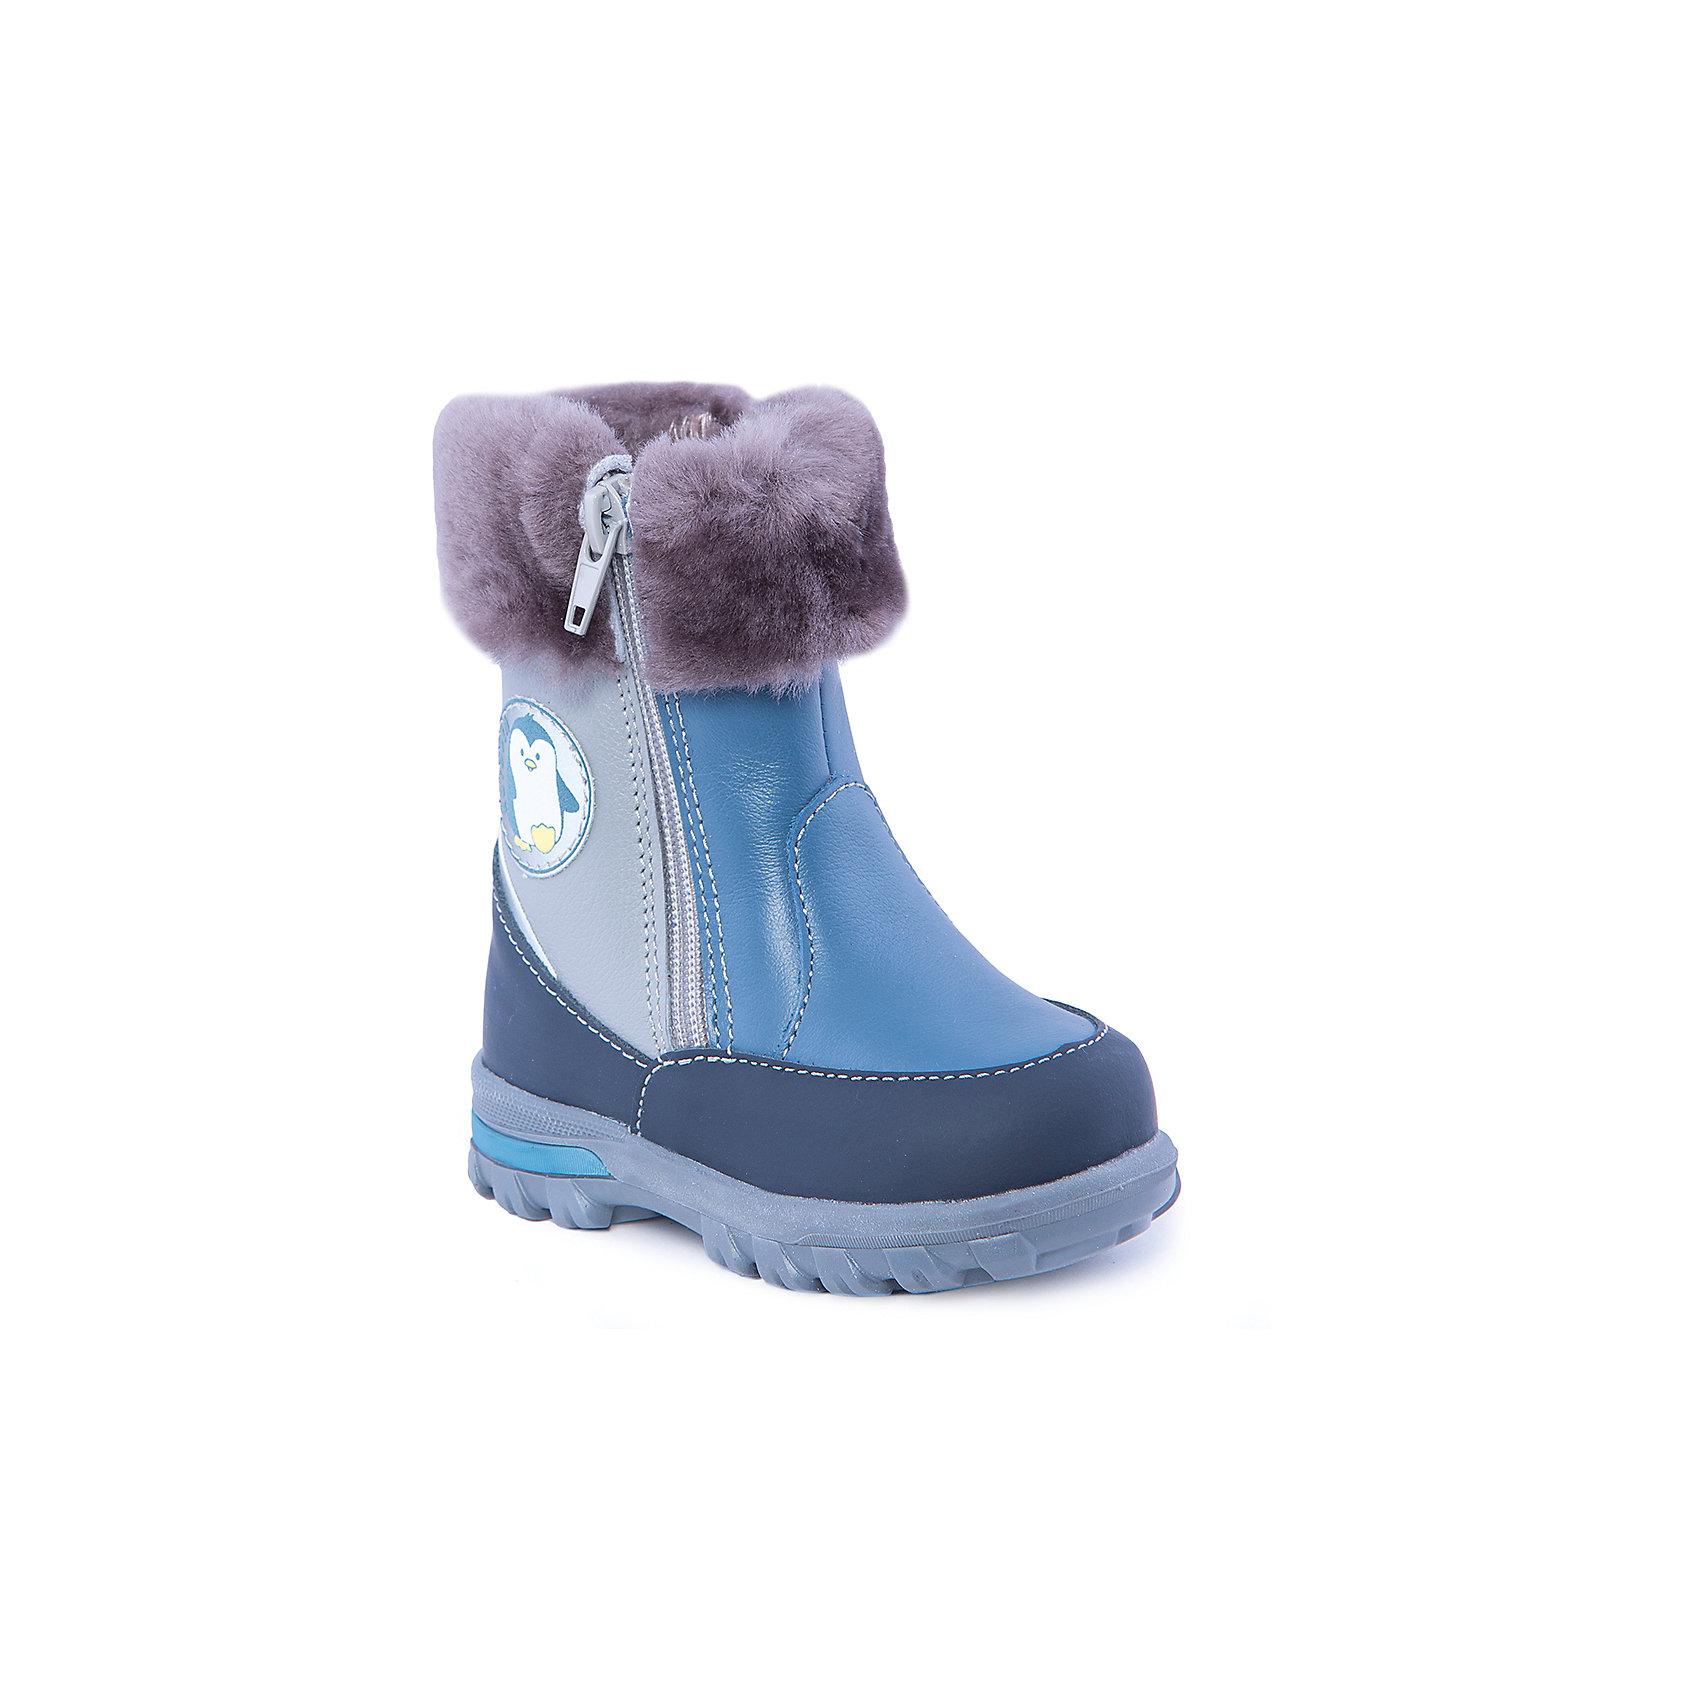 Сапоги для мальчика КотофейСапоги для мальчика от известного российского бренда Котофей<br><br>Модные и удобные сапоги помогут защитить детские ножки от сырости и холода. Они легко надеваются, комфортно садятся по ноге.<br><br>Особенности модели: <br><br>- цвет - синий, серый;<br>- аппликация с пингвином сбоку;<br>- меховые отвороты;<br>- верх – натуральная кожа;<br>- комфортная колодка;<br>- подкладка утепленная;<br>- вид крепления – клеевой;<br>- защита пальцев;<br>- амортизирующая устойчивая подошва;<br>- застежка - молния.<br><br>Дополнительная информация:<br><br>Температурный режим: <br><br>от 0° С до -25° С<br><br>Состав:<br>верх – натуральная кожа;<br>подкладка - овчина;<br>подошва - ТЭП.<br><br>Сапоги для мальчика Котофей можно купить в нашем магазине.<br><br>Ширина мм: 257<br>Глубина мм: 180<br>Высота мм: 130<br>Вес г: 420<br>Цвет: синий<br>Возраст от месяцев: 12<br>Возраст до месяцев: 15<br>Пол: Мужской<br>Возраст: Детский<br>Размер: 21,22,23,24<br>SKU: 4315184